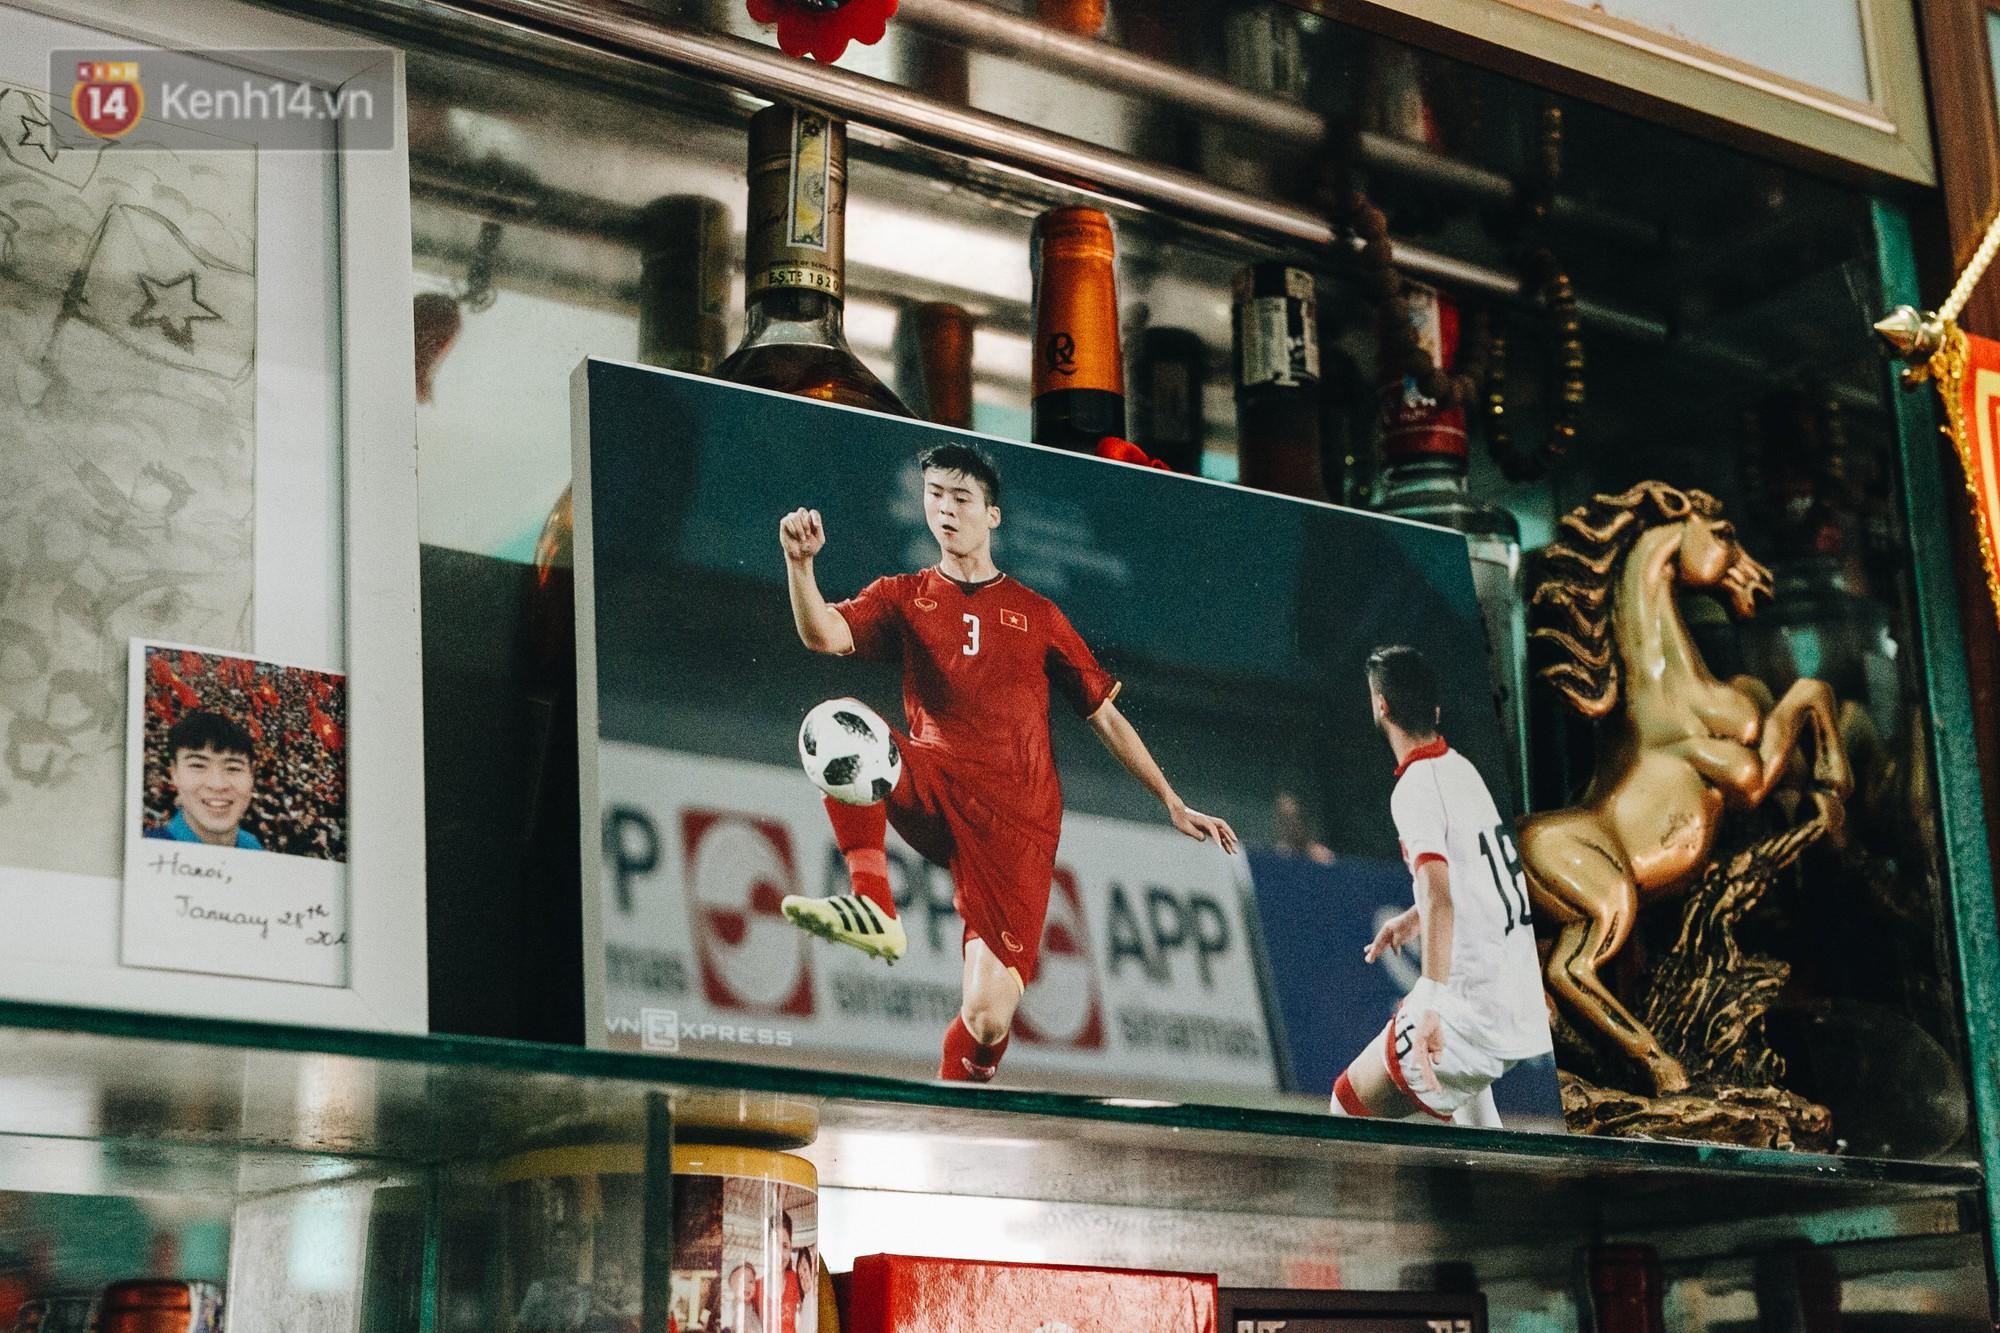 Đỗ Duy Mạnh: Chuyện cậu bé nhặt bóng 10 năm trước và người hùng sau vô địch AFF Cup 2018 - Ảnh 15.